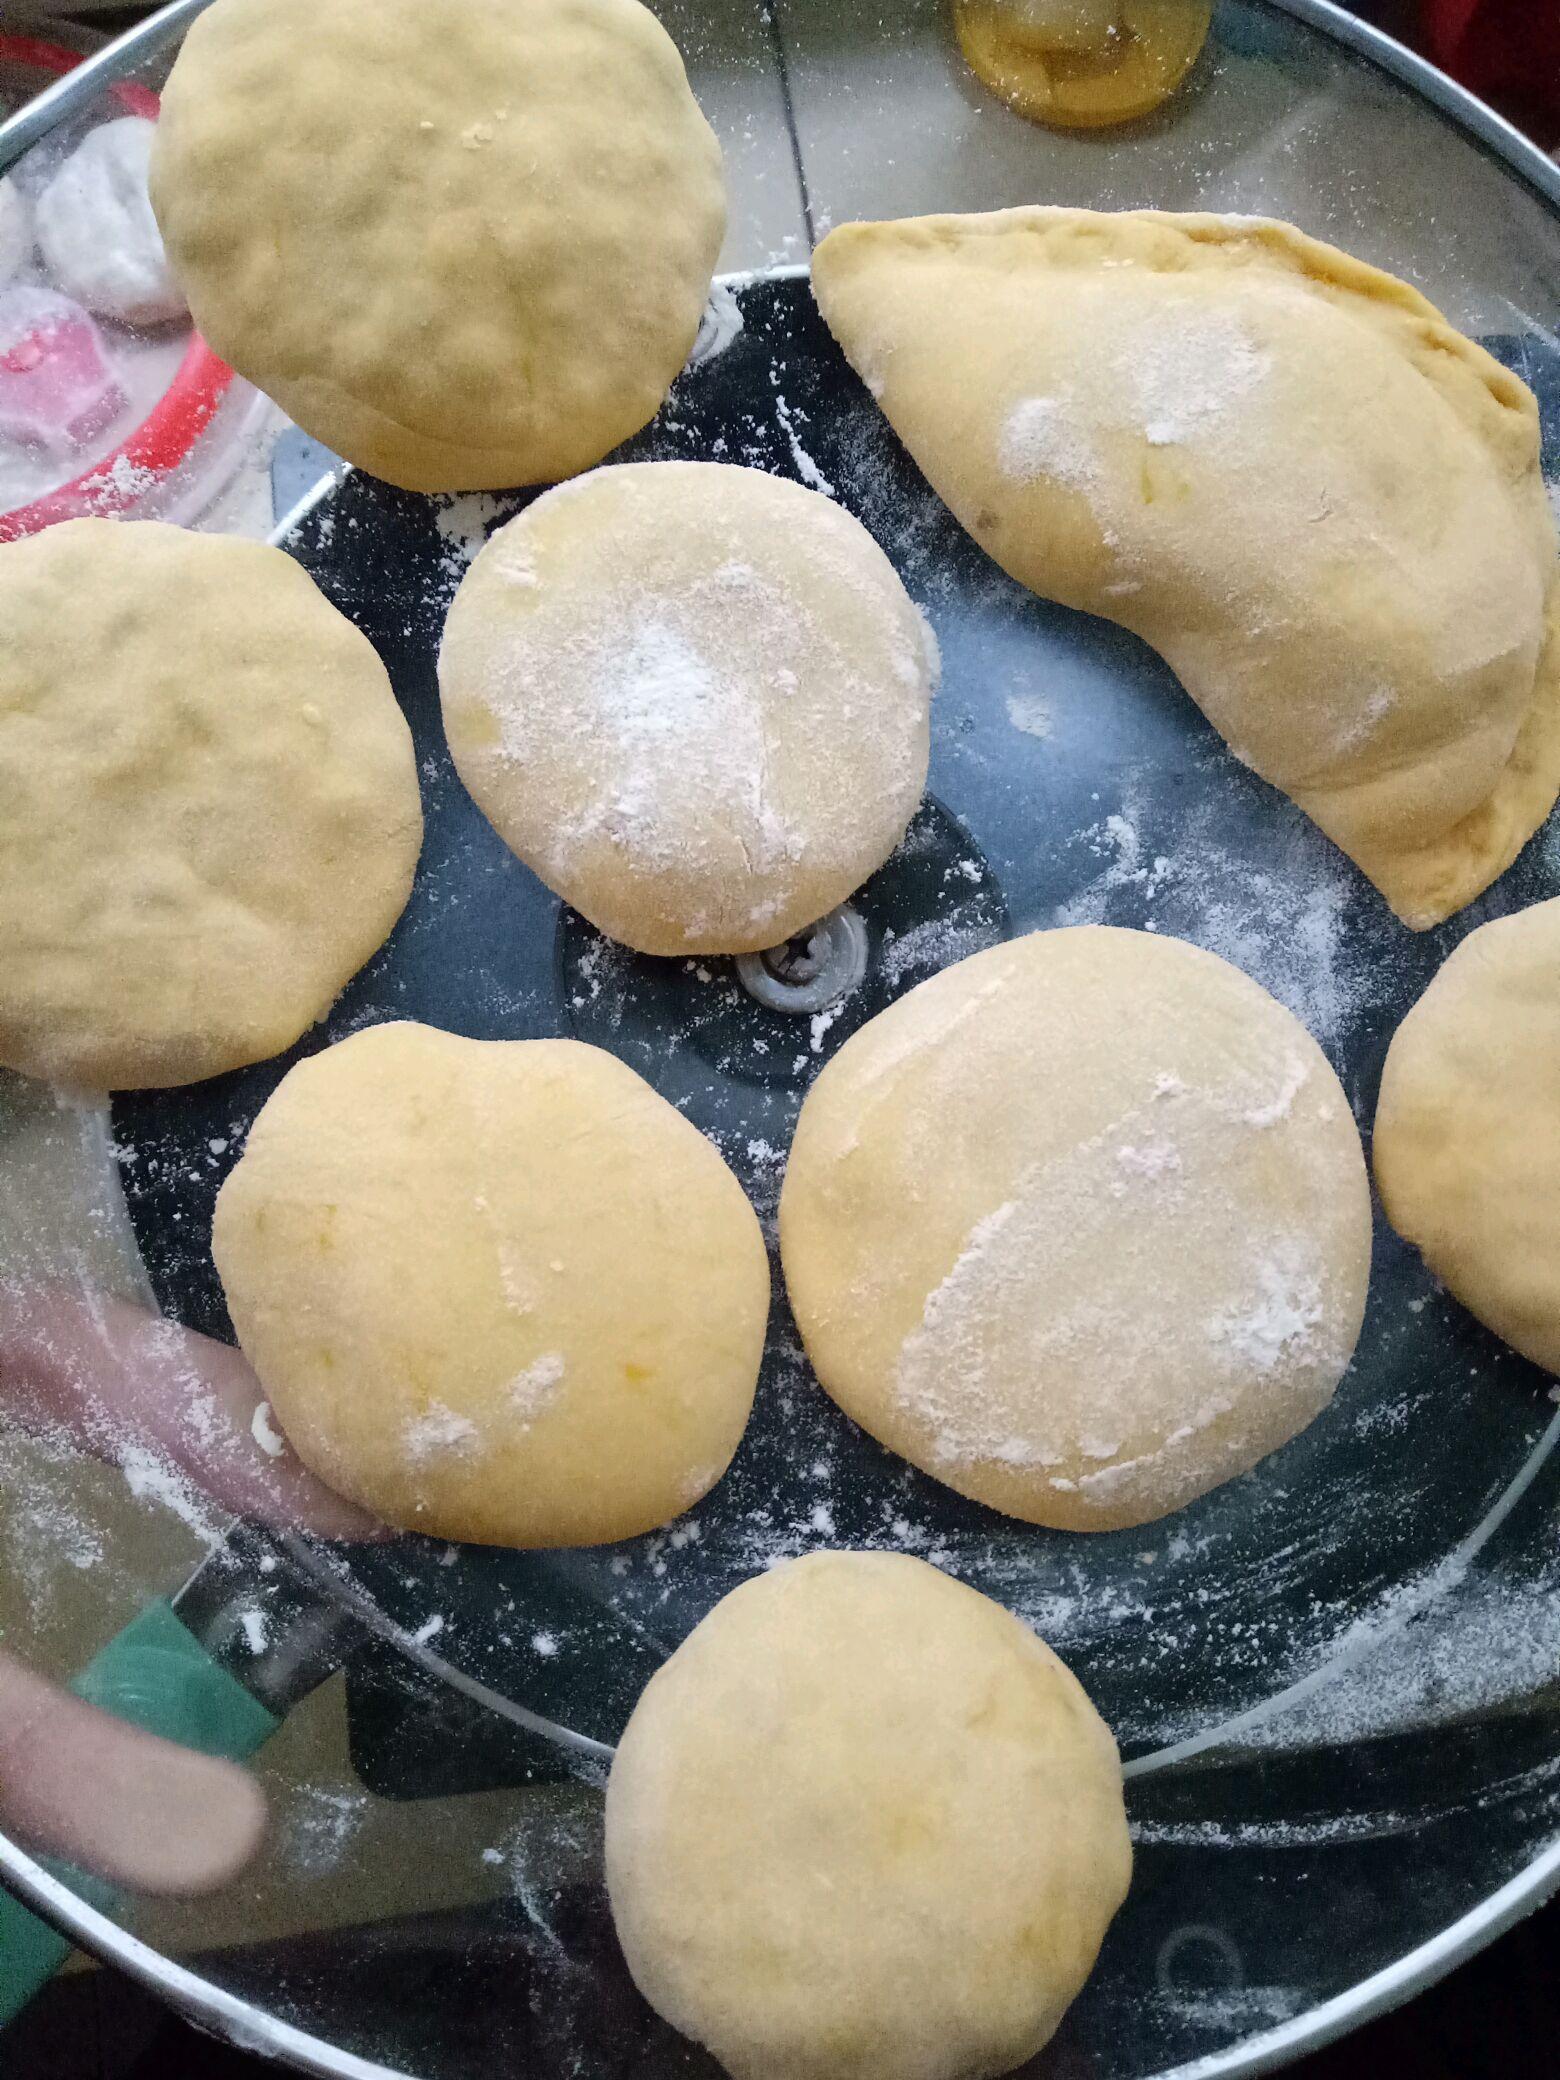 南瓜馅饼的做法_【图解】南瓜馅饼怎么做如何做好吃